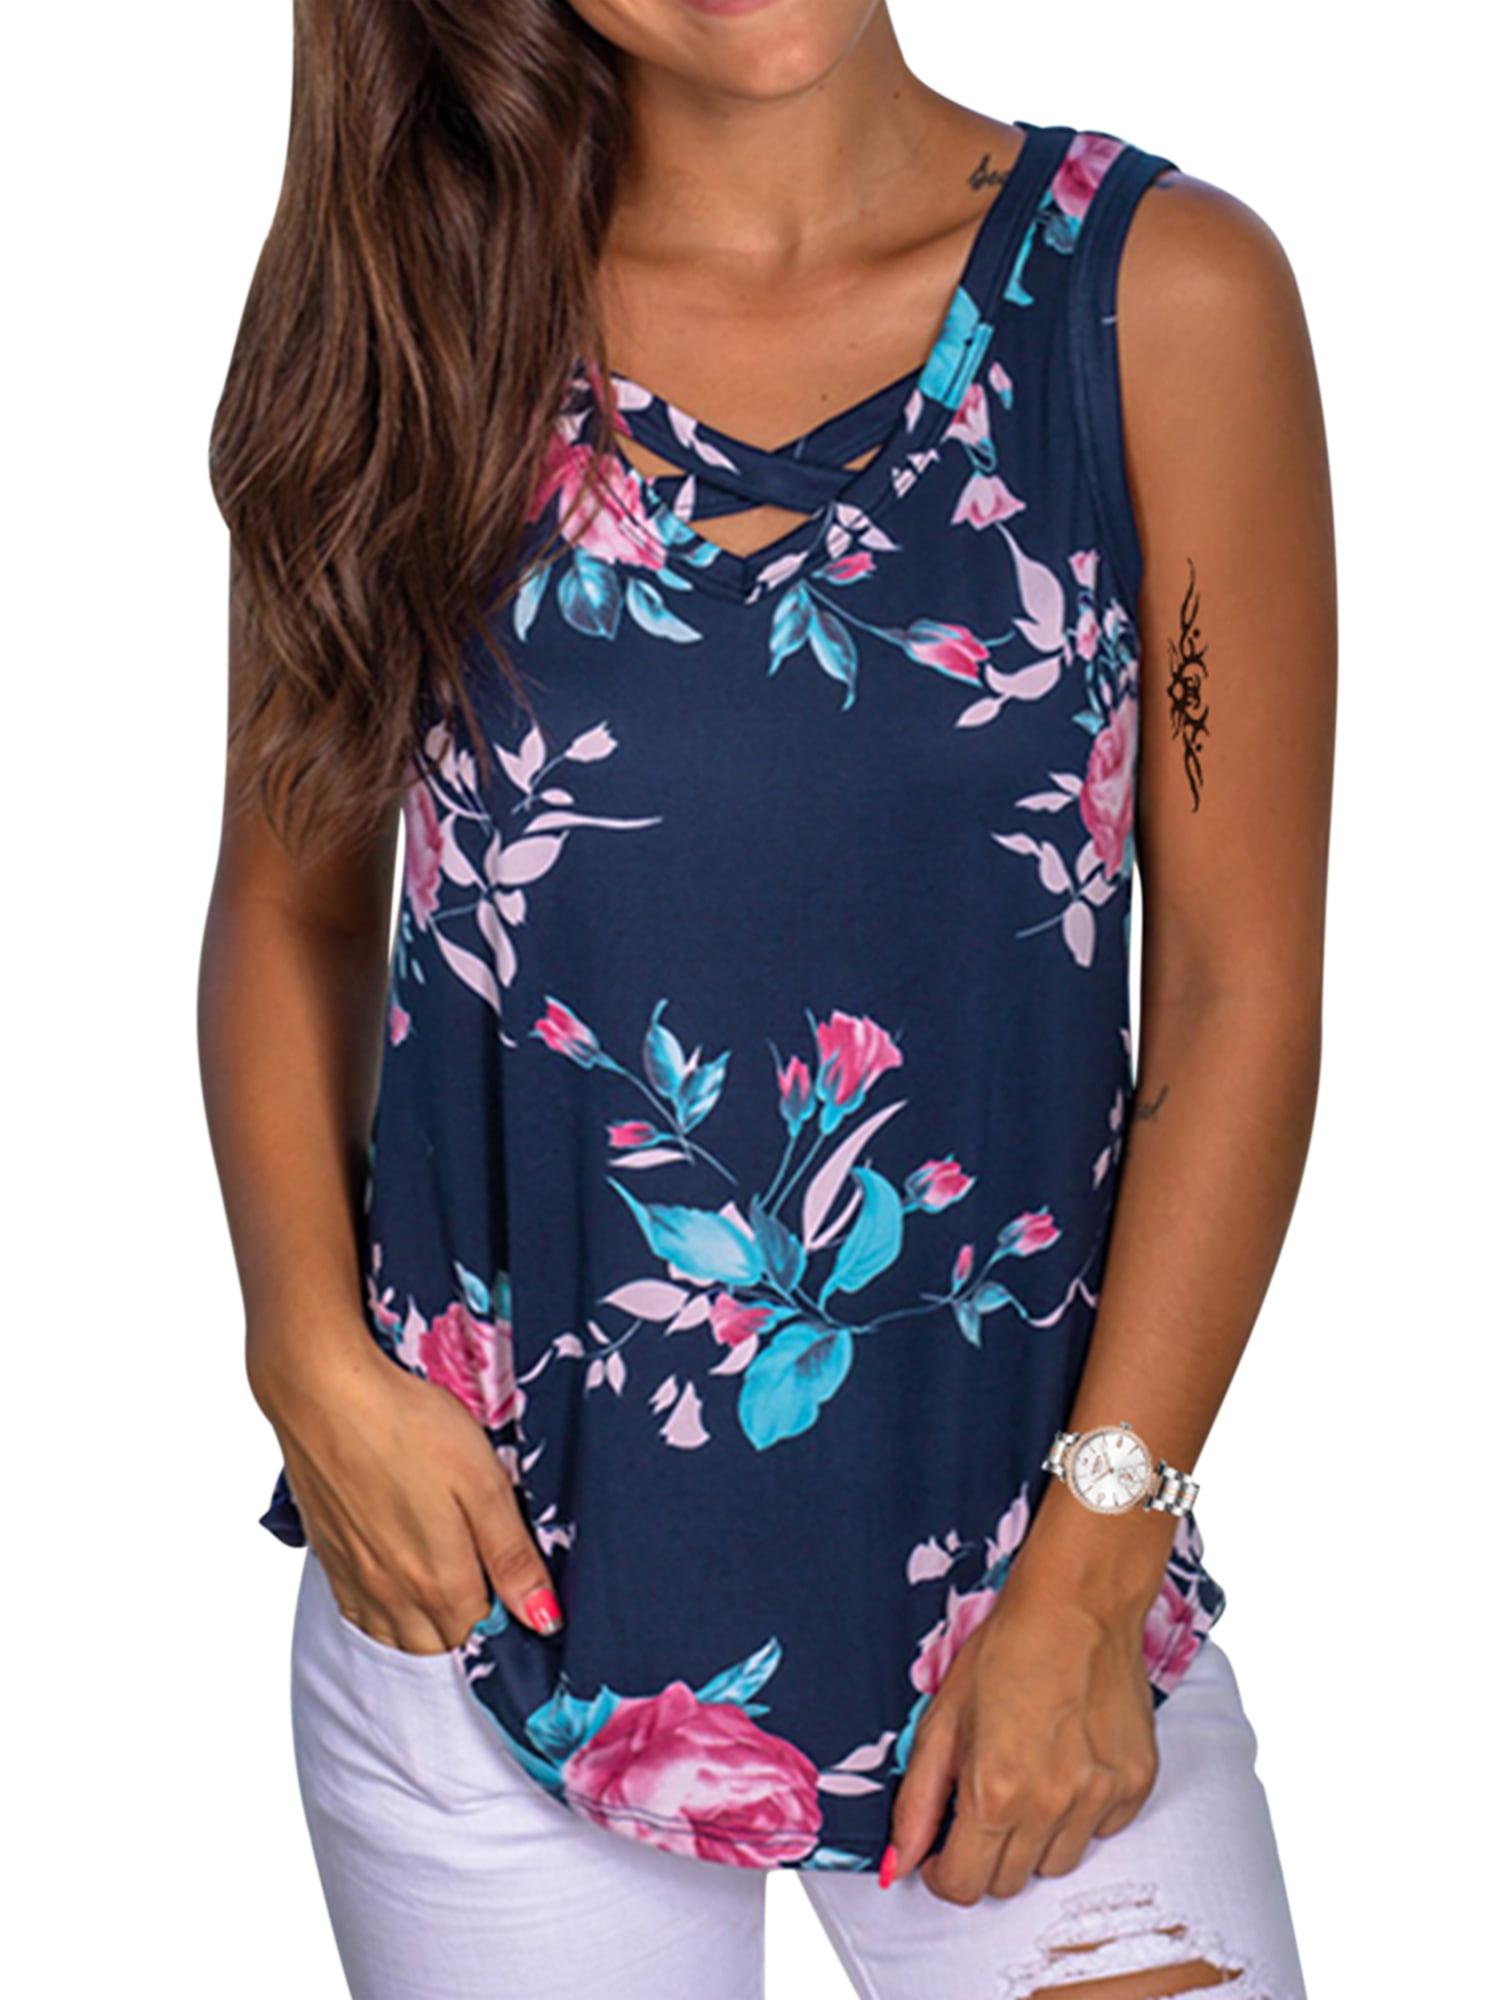 Transer Womens Tank Tops Zipper V-Neck T-Shirt Summer Sleeveless Vest Cross Back Tee Casual Blouses